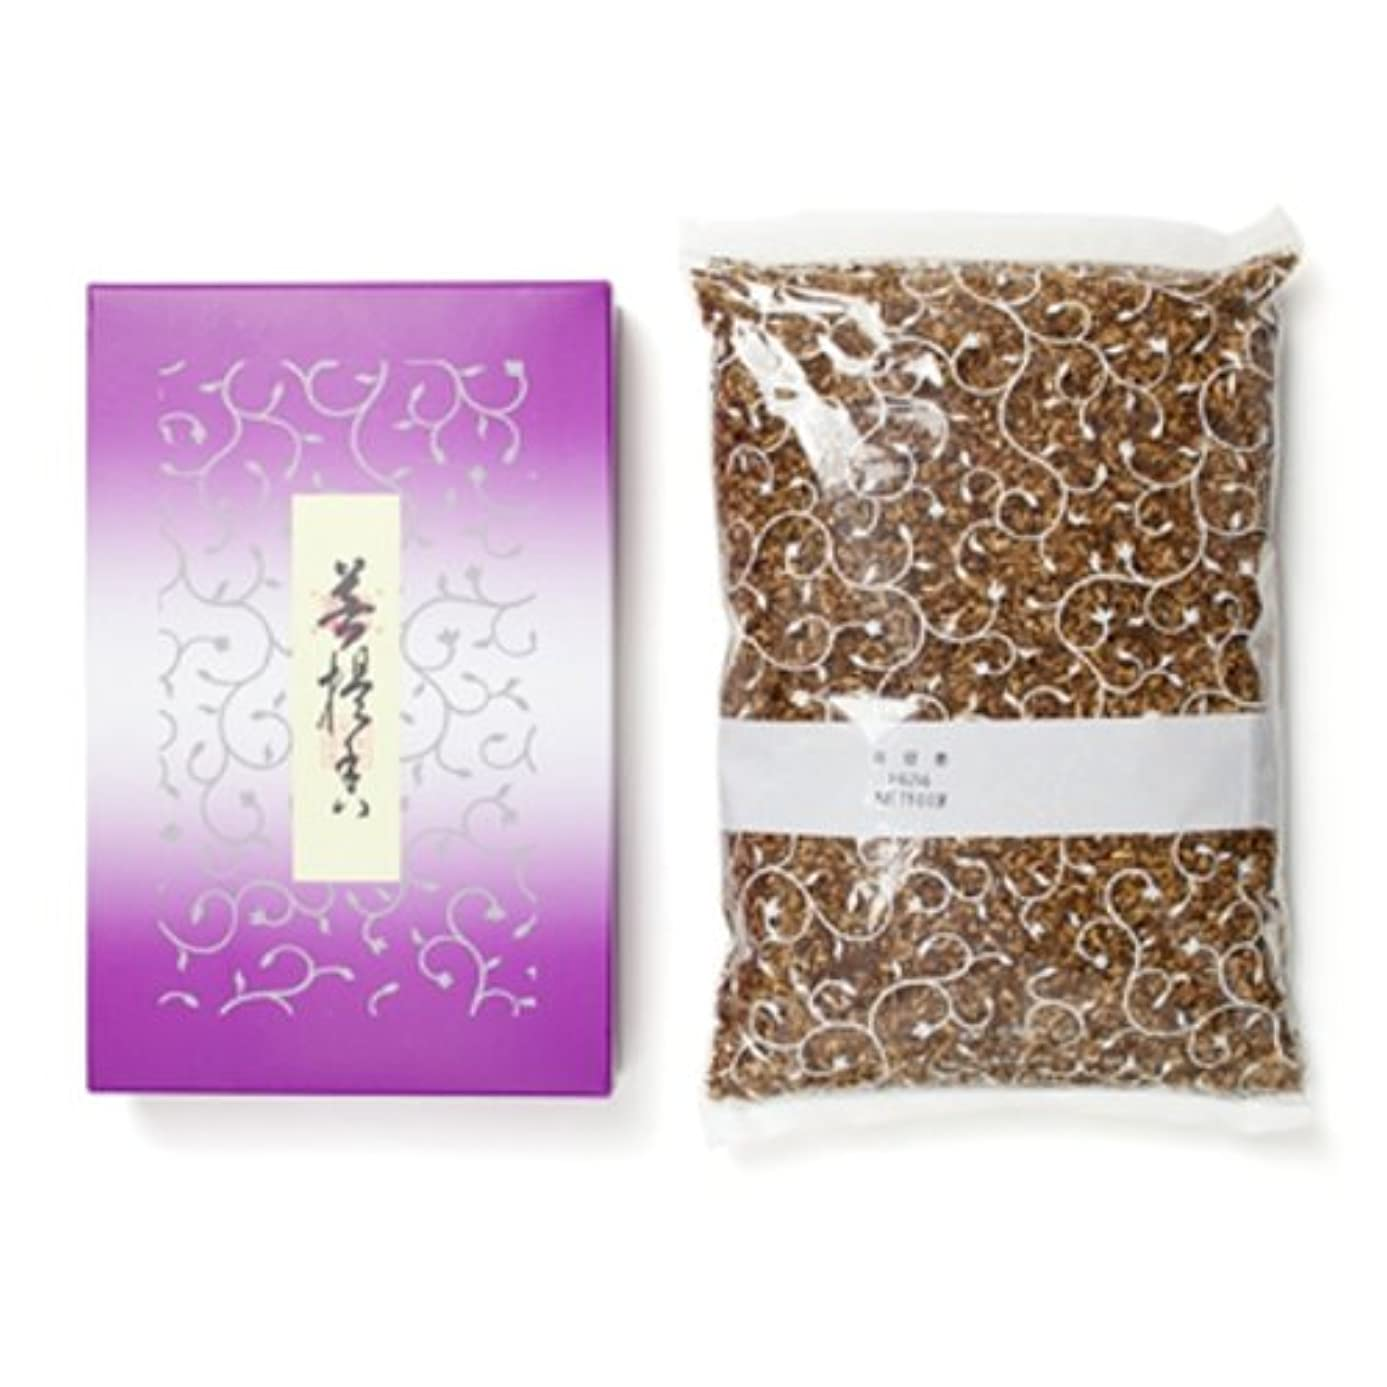 クーポン必須シャイ松栄堂のお焼香 菩提香 500g詰 紙箱入 #410411